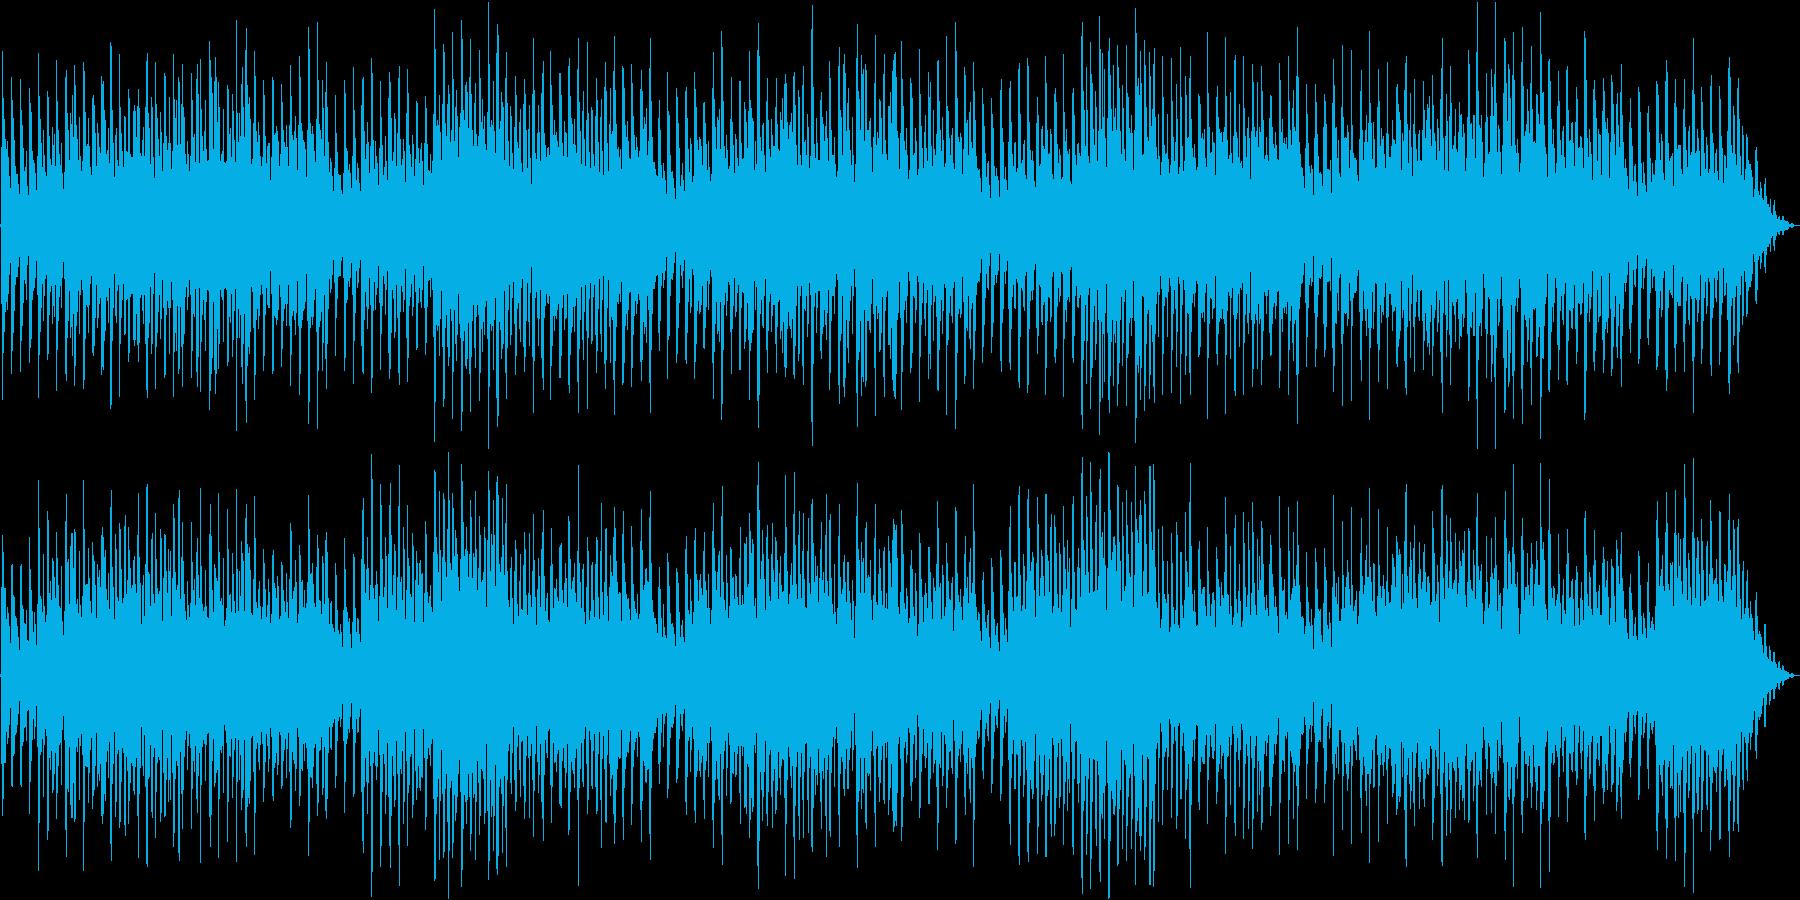 アイリッシュやケルト風の雑多な民族音楽の再生済みの波形